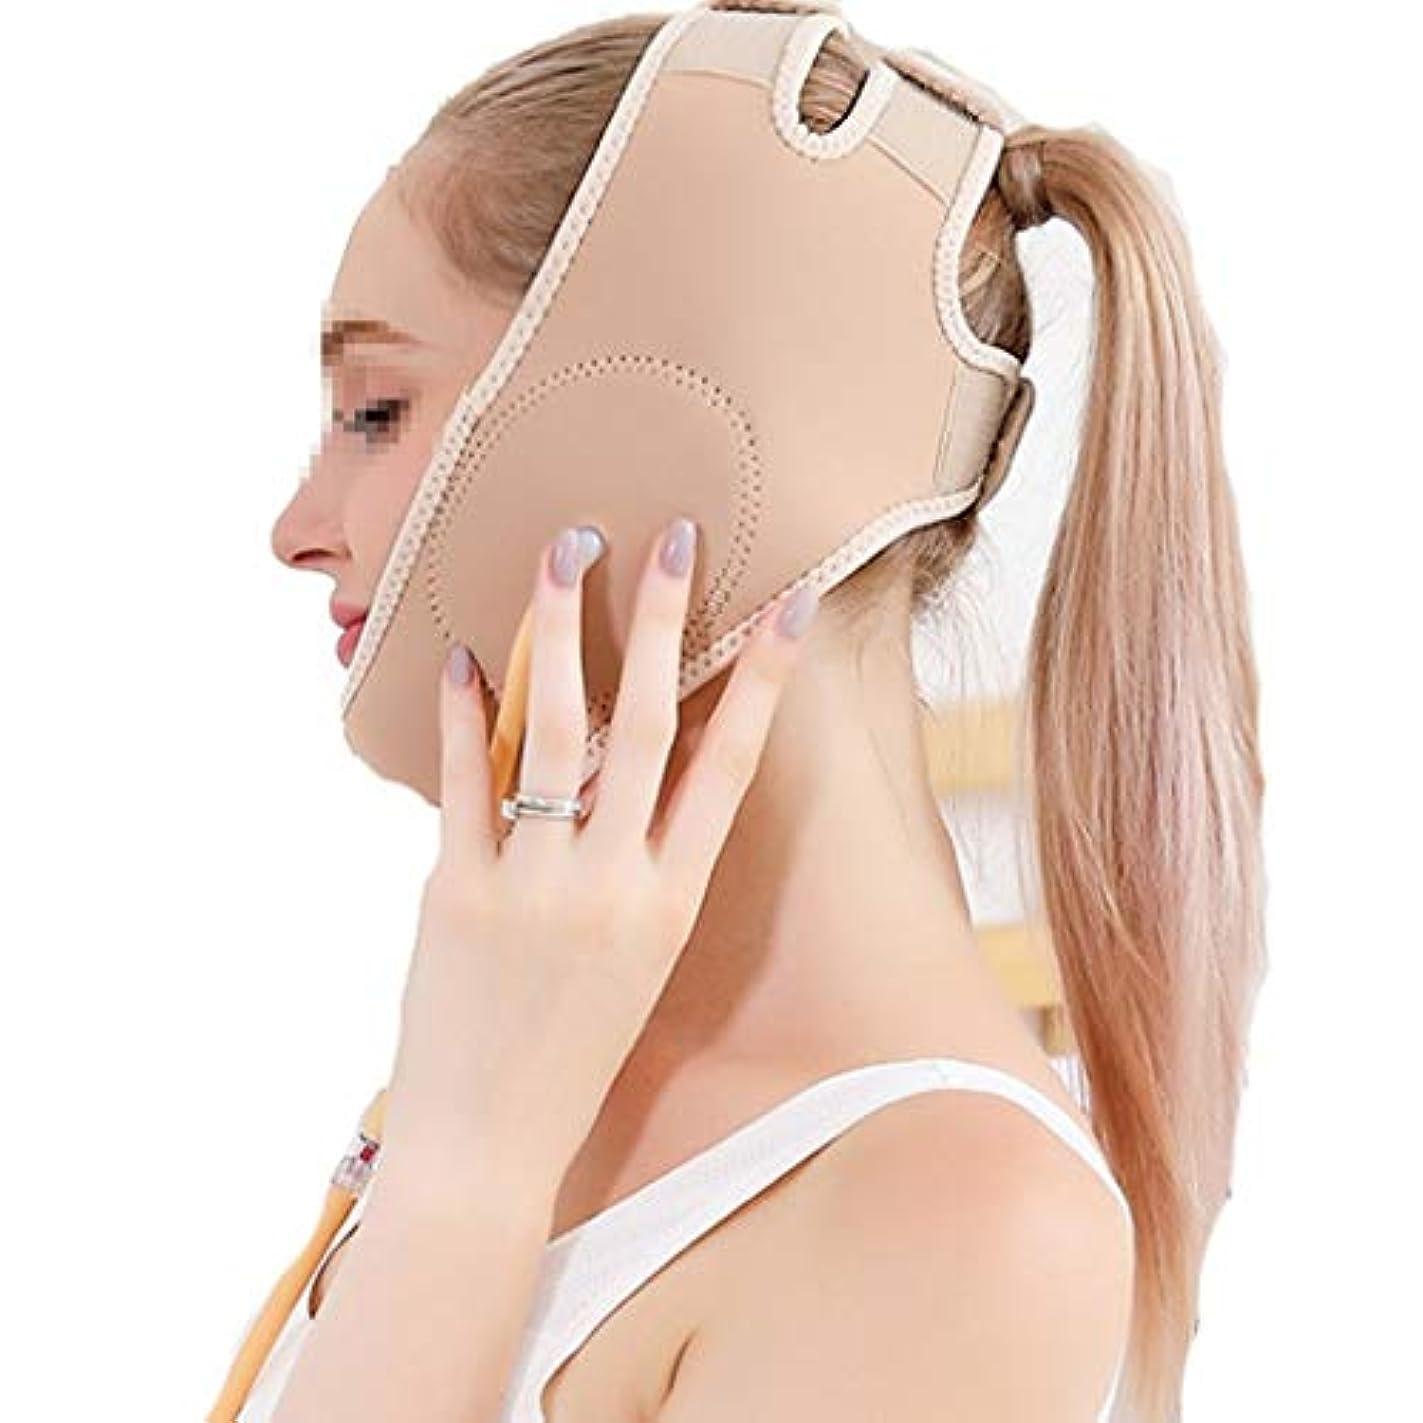 シンプルな座標ドキドキ空気圧薄型フェイスベルト、マスクスモールVフェイス圧力リフティングシェーピングバイトマッスルファーミングパターンダブルチンバンデージ薄型フェイスバンデージ (Color : Skin tone)